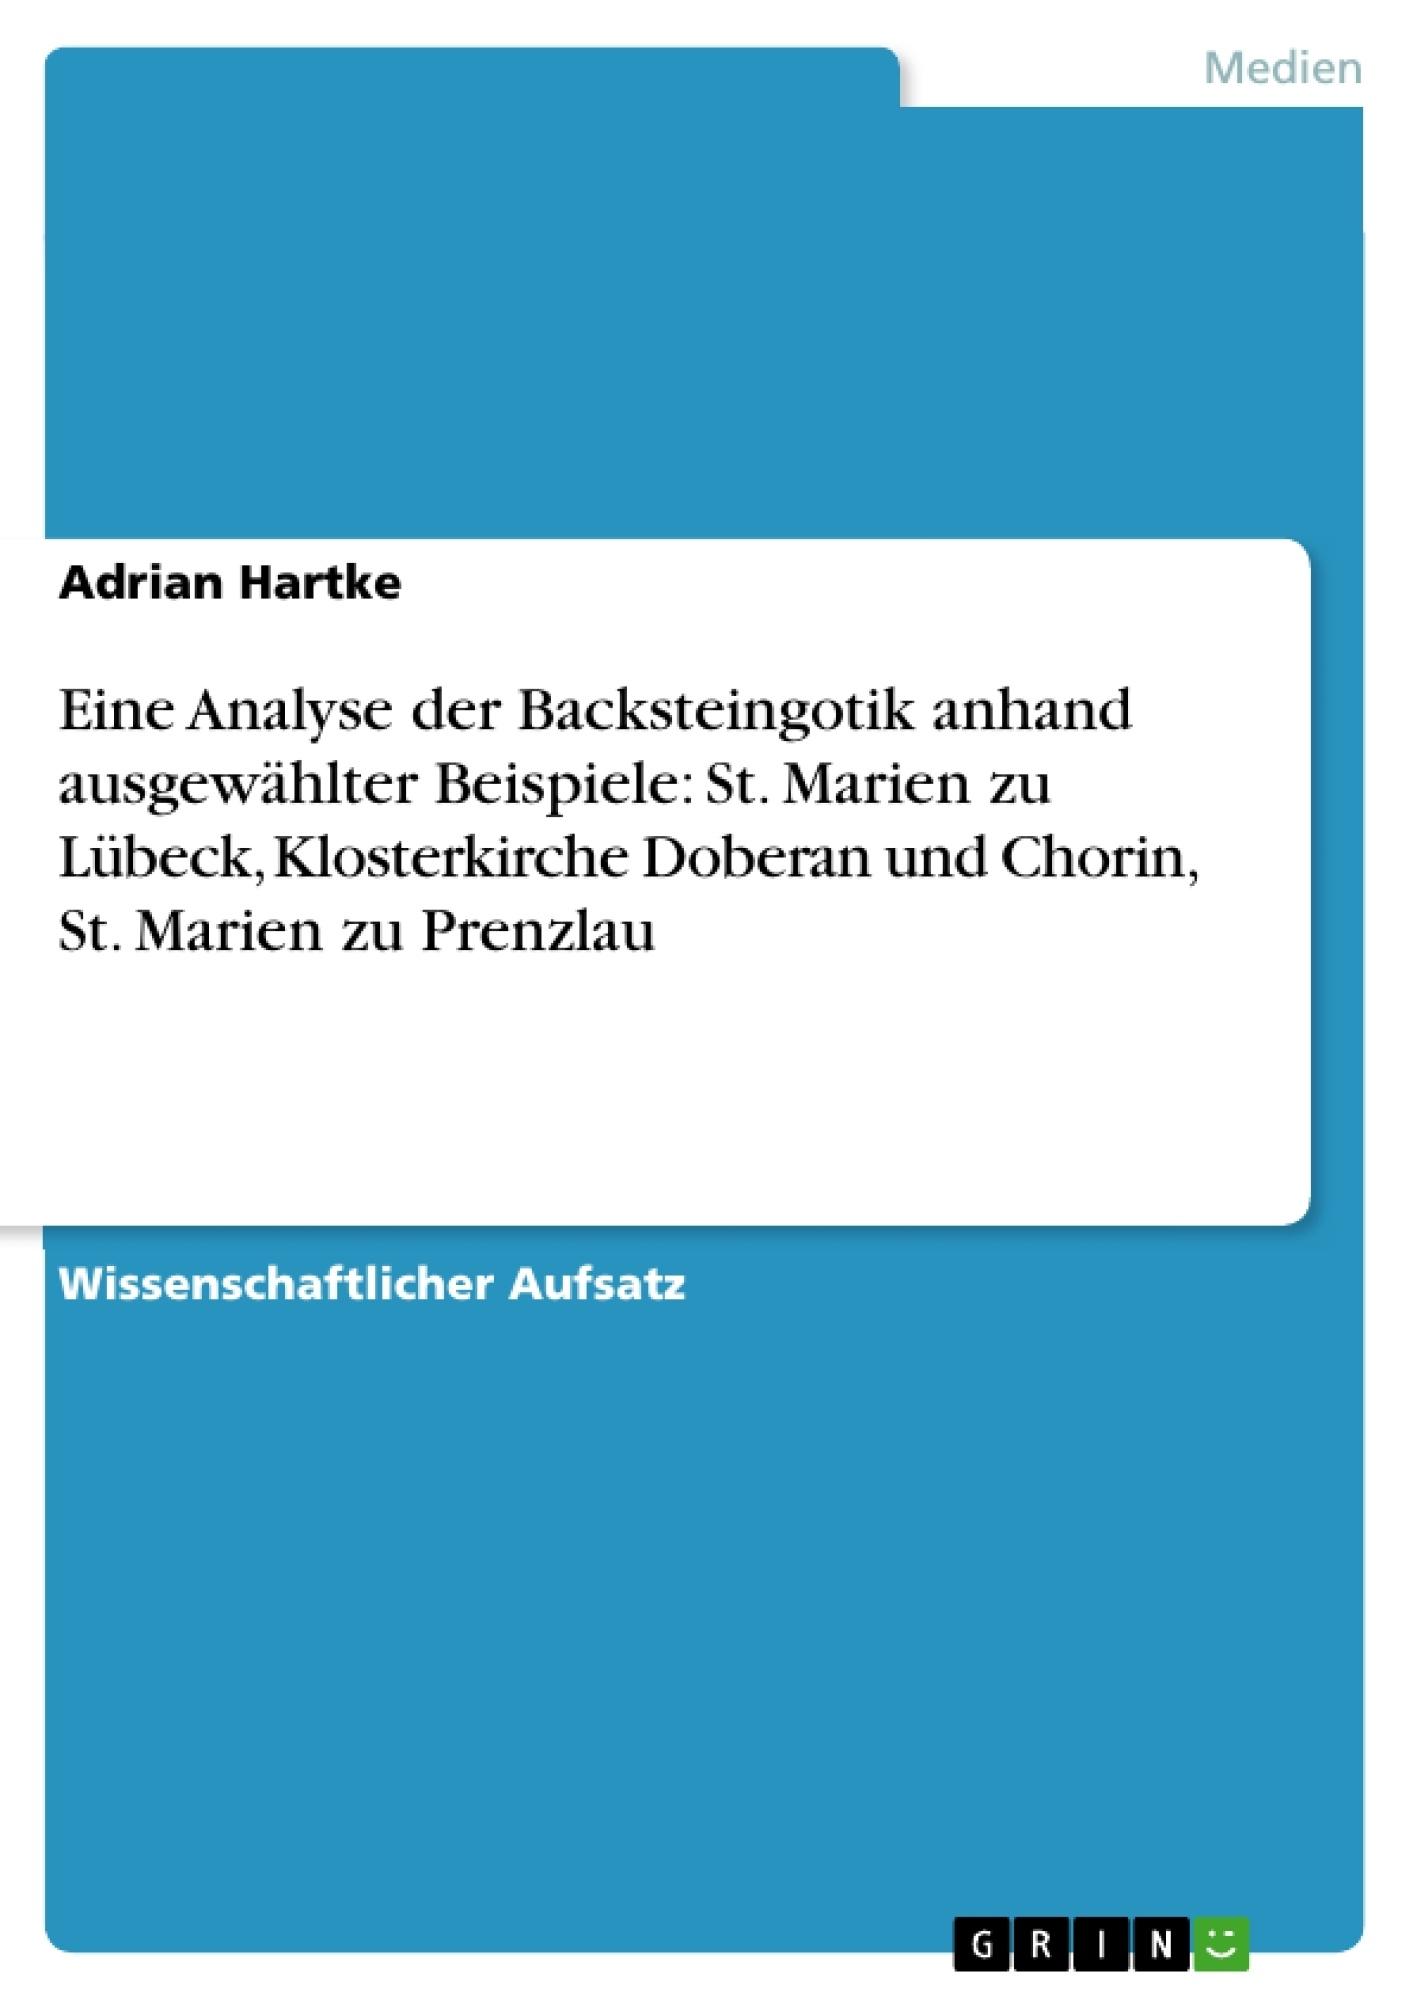 Titel: Eine Analyse der Backsteingotik anhand ausgewählter Beispiele: St. Marien zu Lübeck, Klosterkirche Doberan und Chorin, St. Marien zu Prenzlau